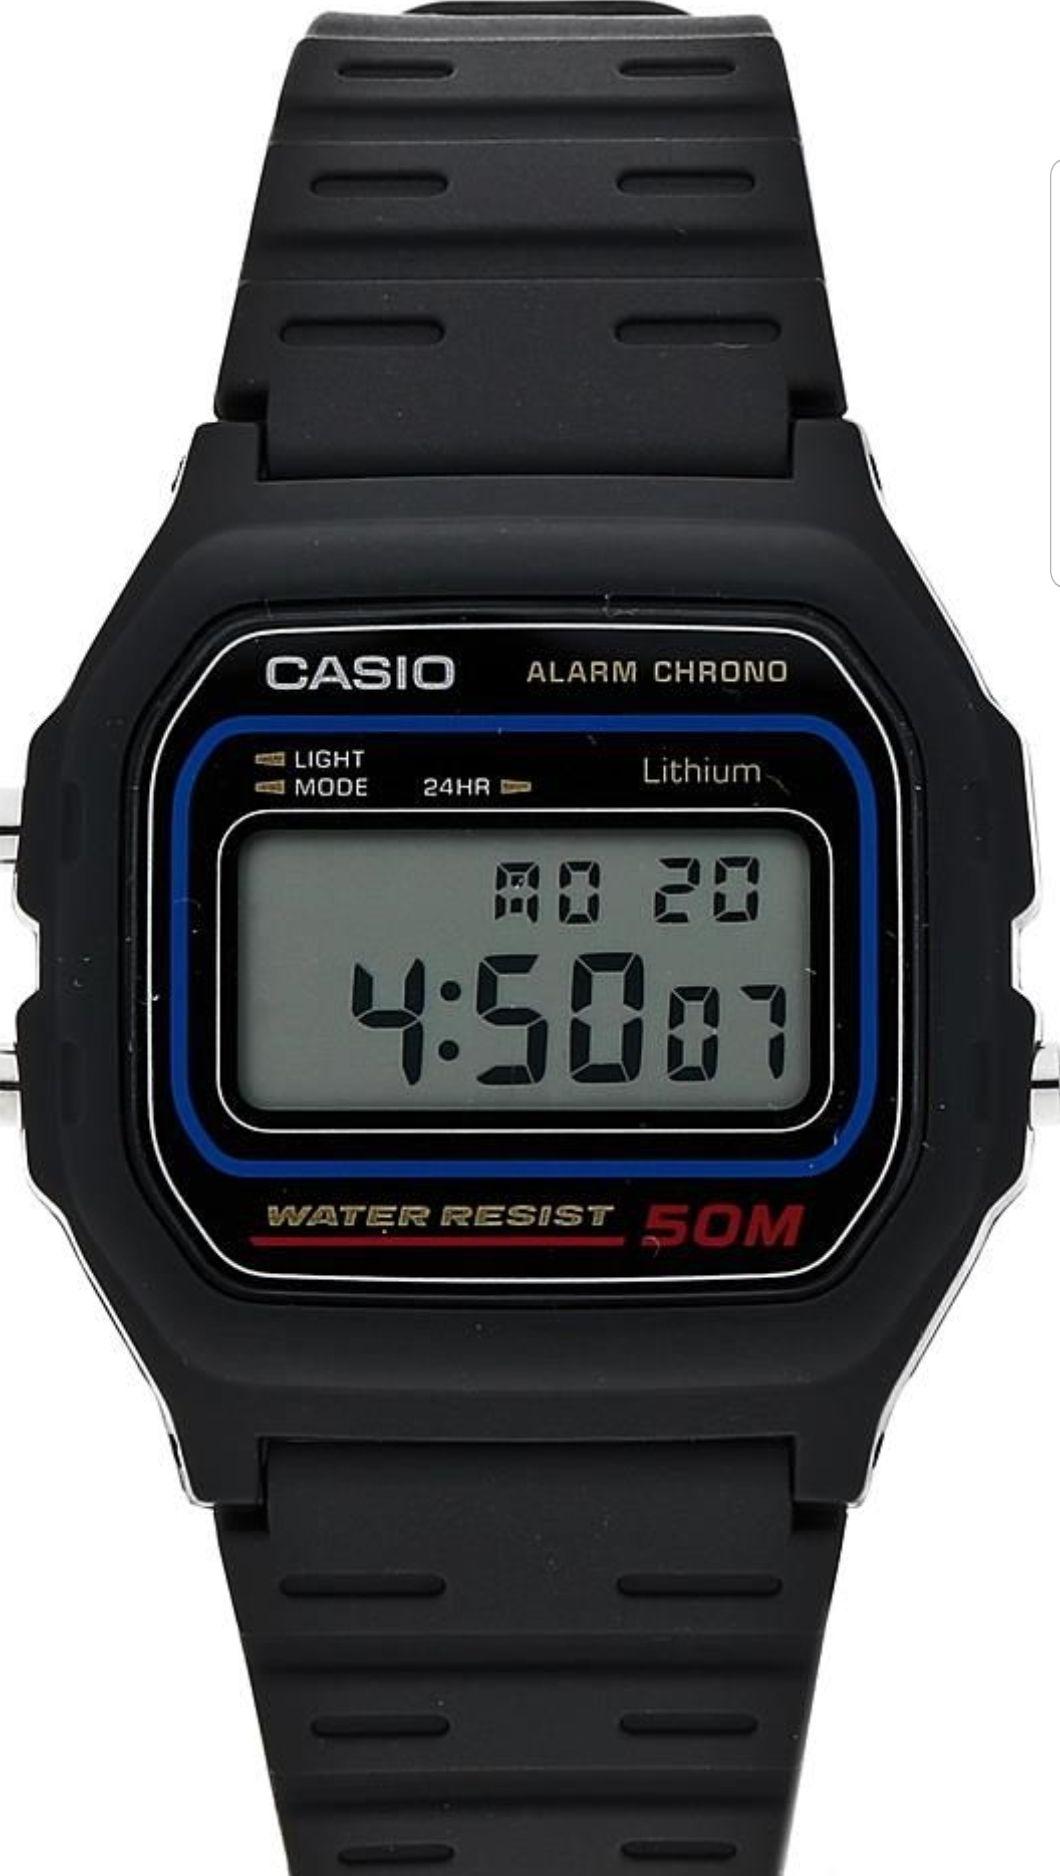 Casio Retro Classic W591VQEF za 25zł @Kaufland